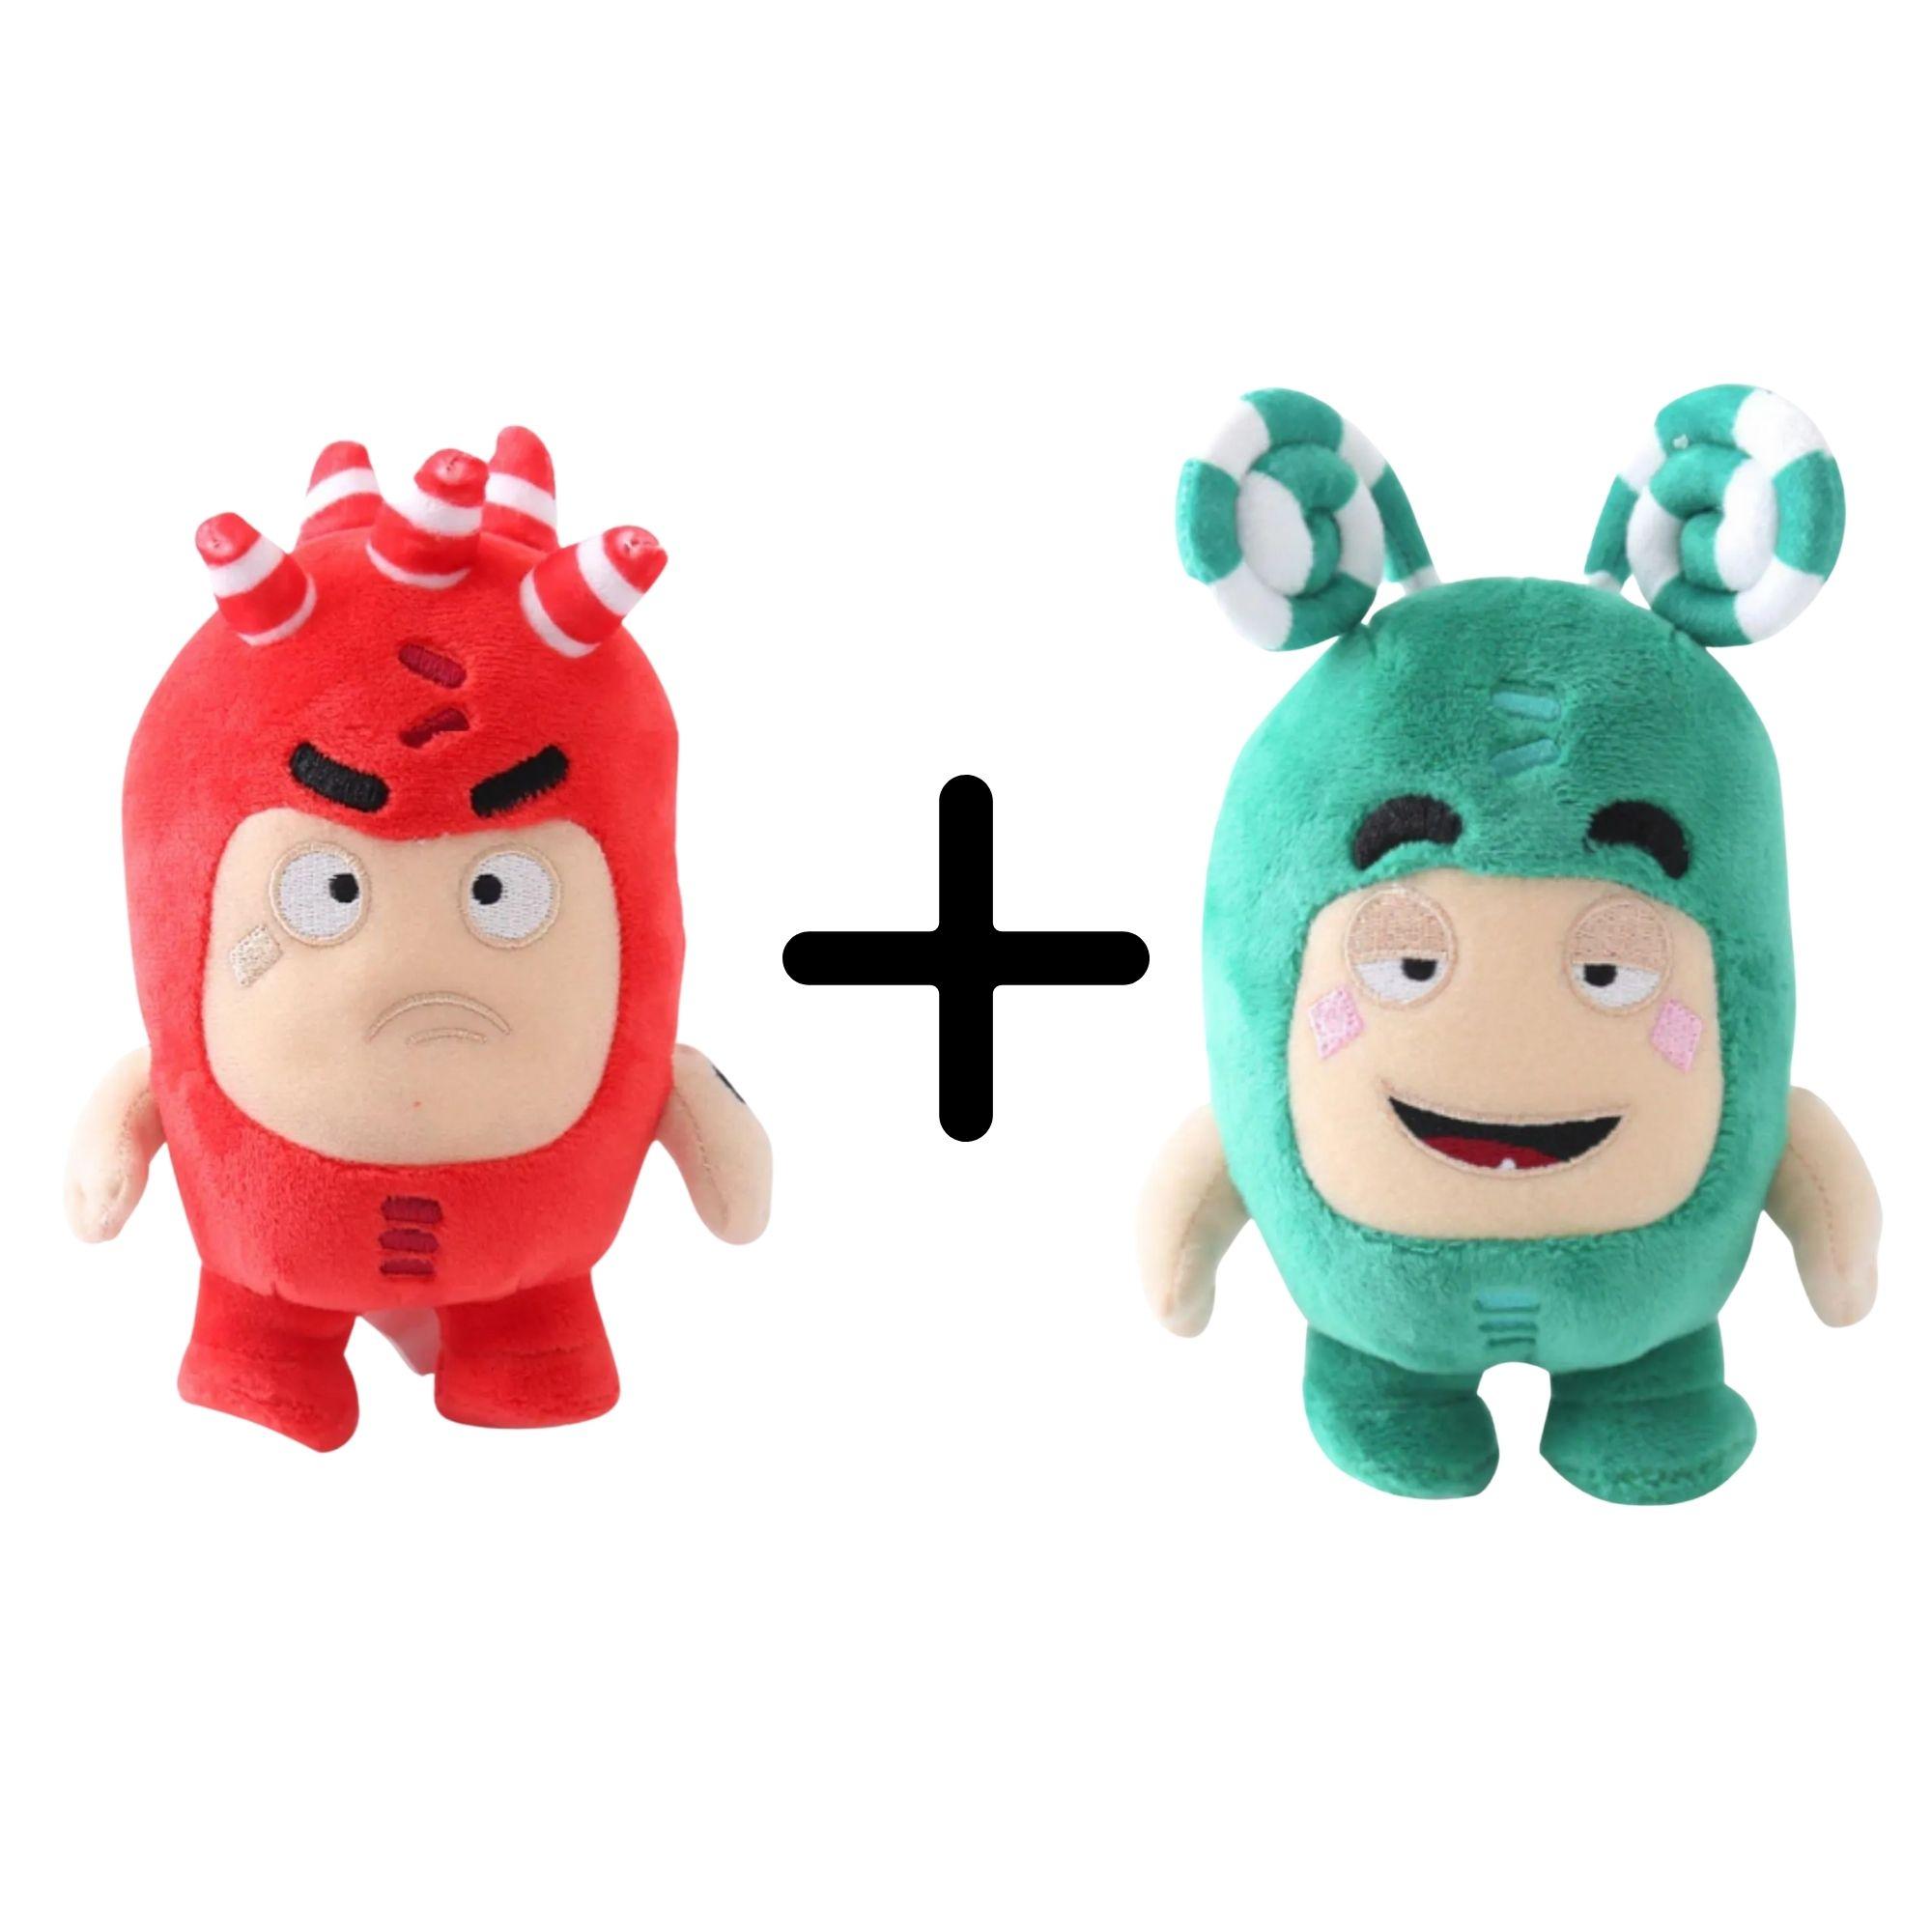 Kit com 2 Bonecos de Pelúcia Oddbods - 1 Verde e 1 Vermelho Zee e Fuse  - Game Land Brinquedos